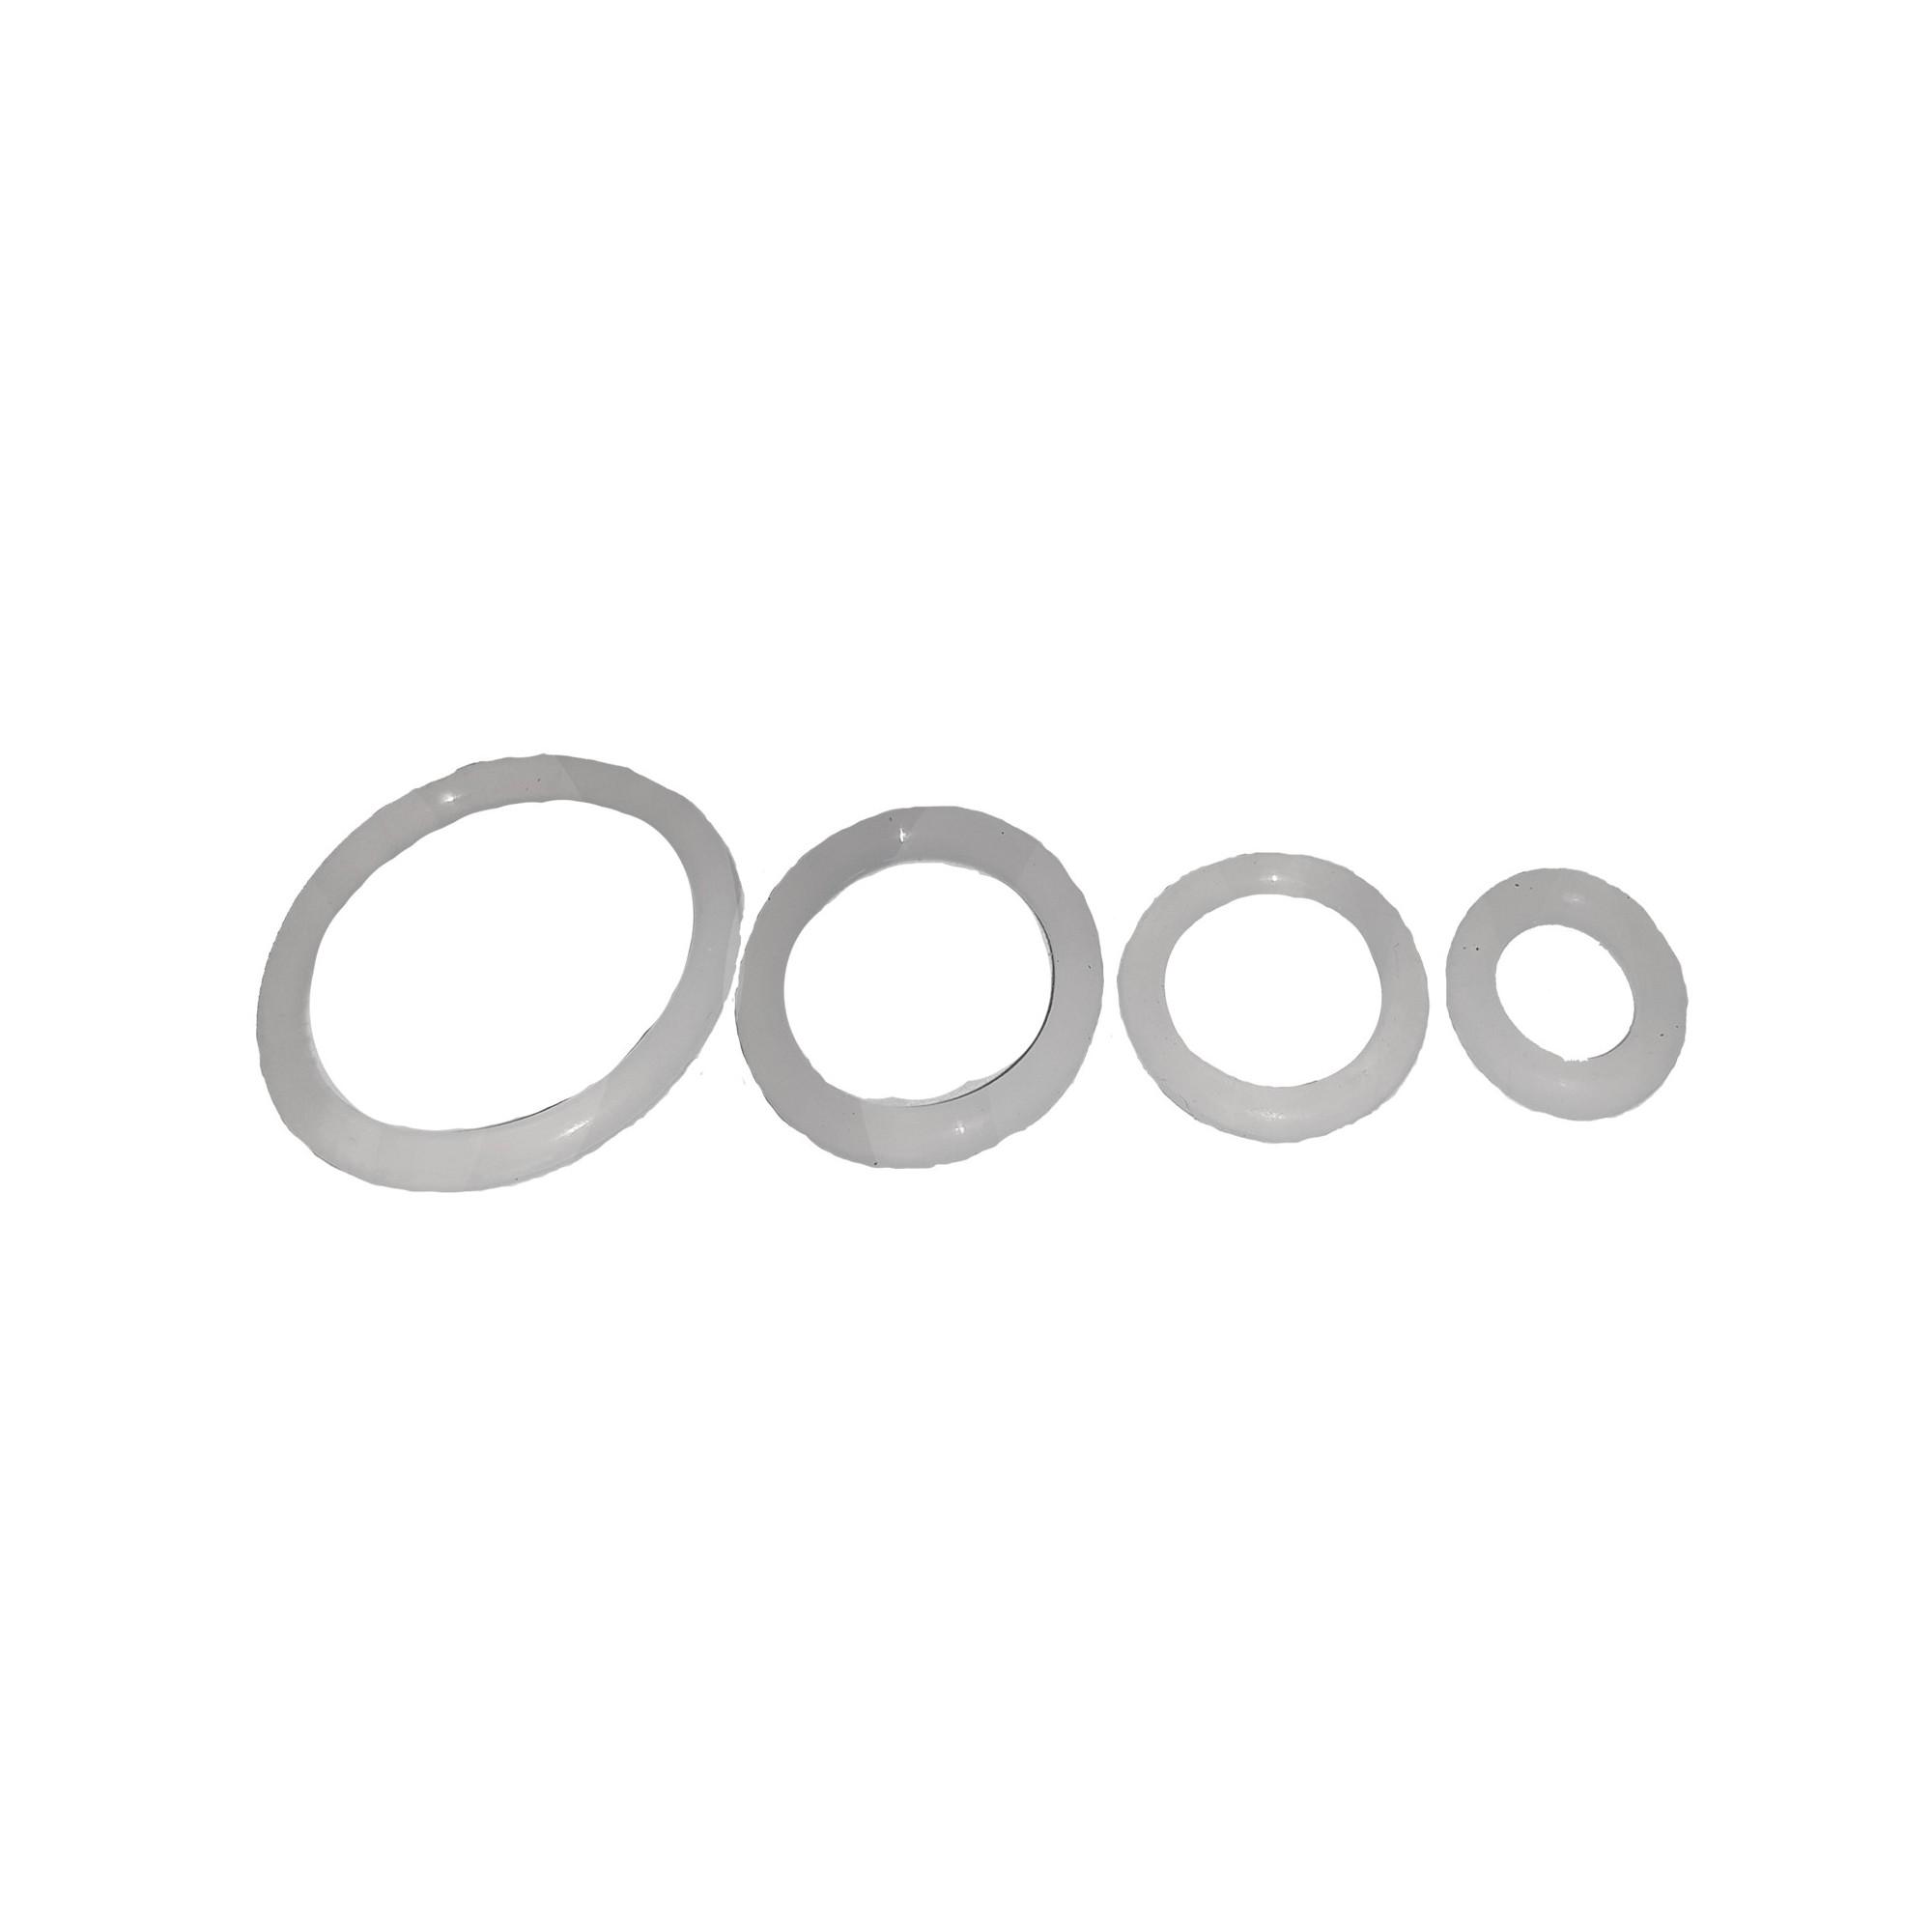 Упаковка колец силиконовых 100 шт пищевых термостойких 20мм*15мм*2.5мм J.G. - 1